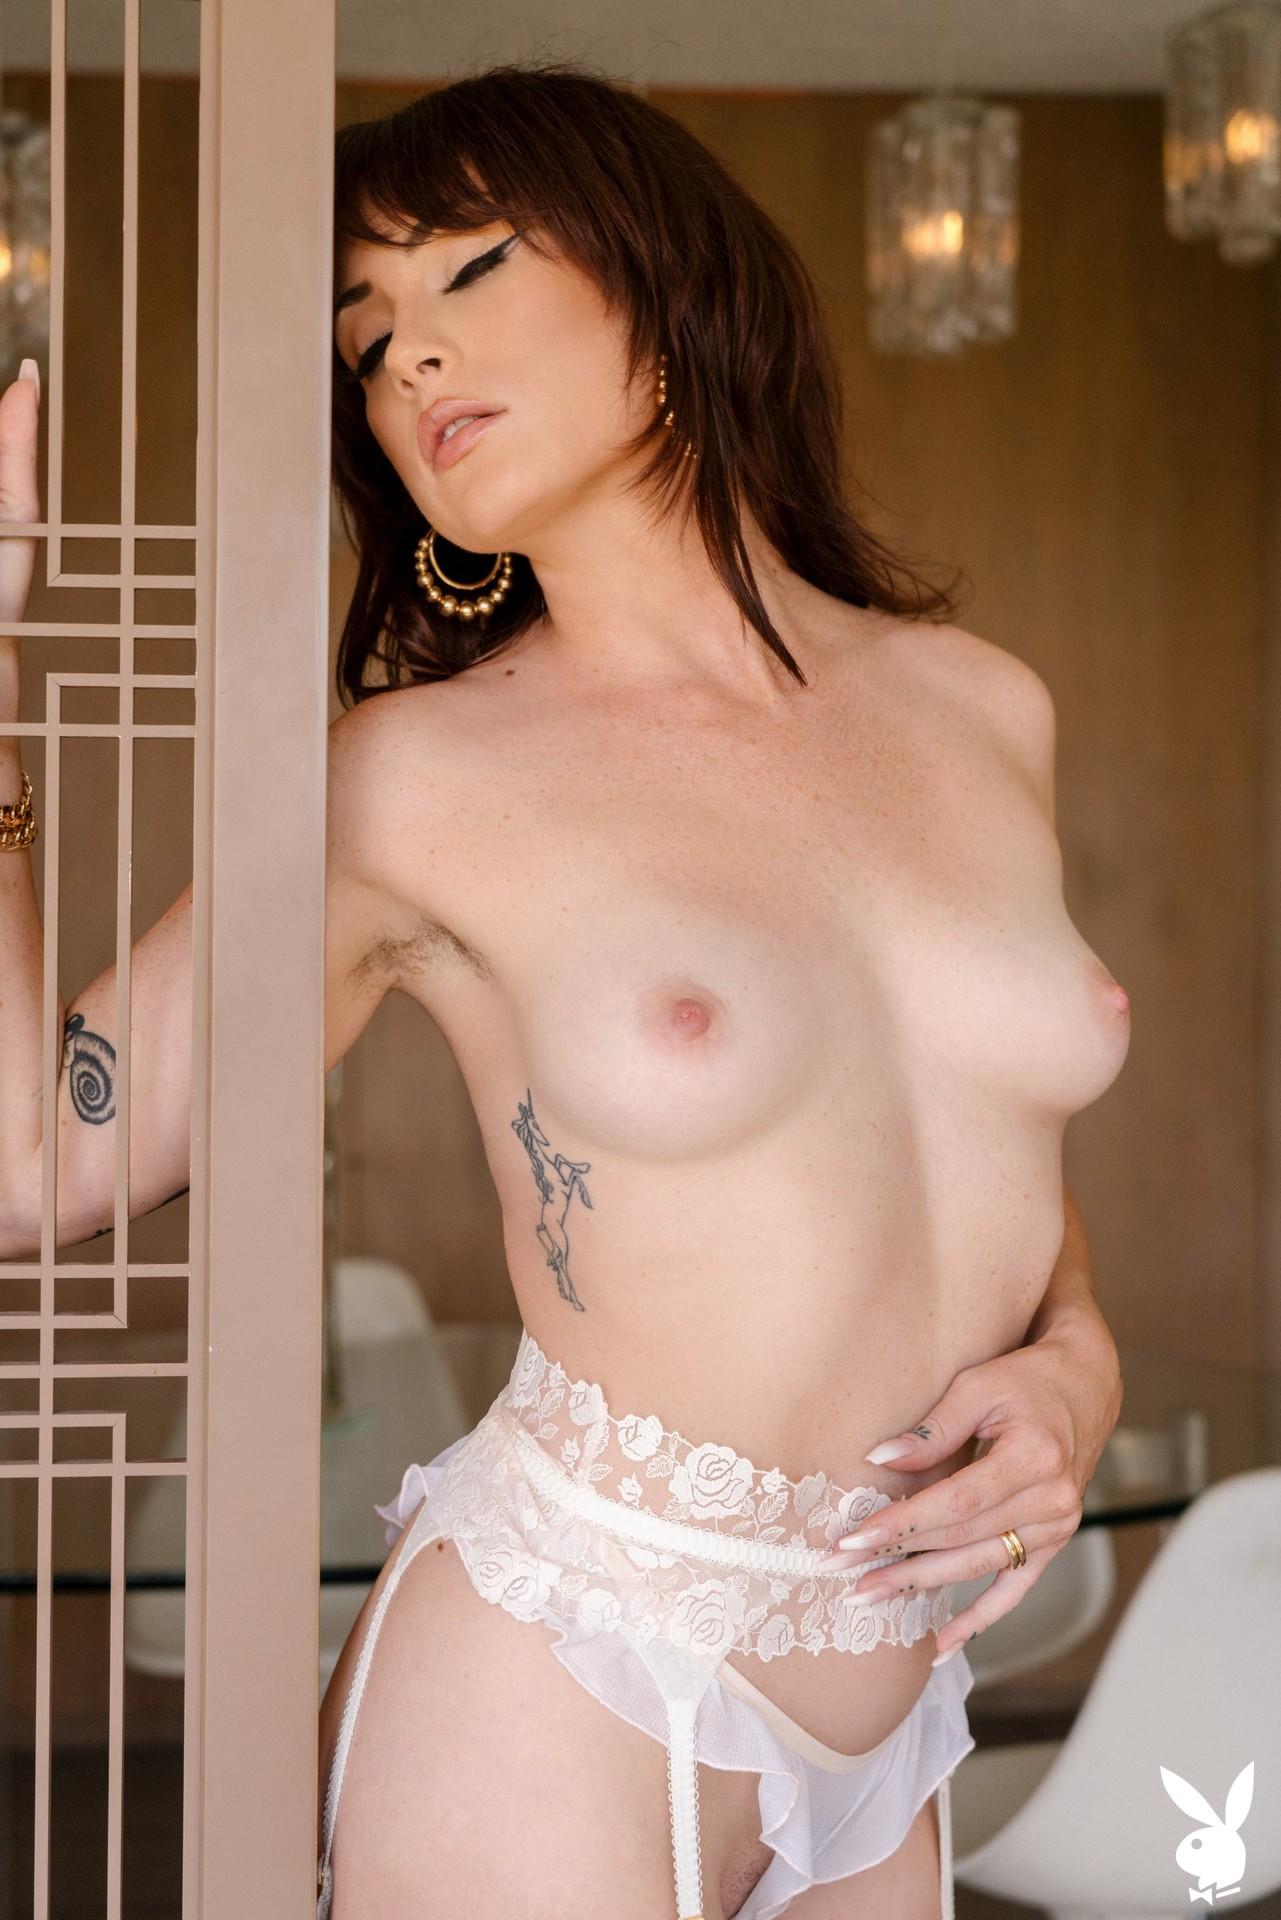 Kenna In Warm Invitation Playboy Plus (7)